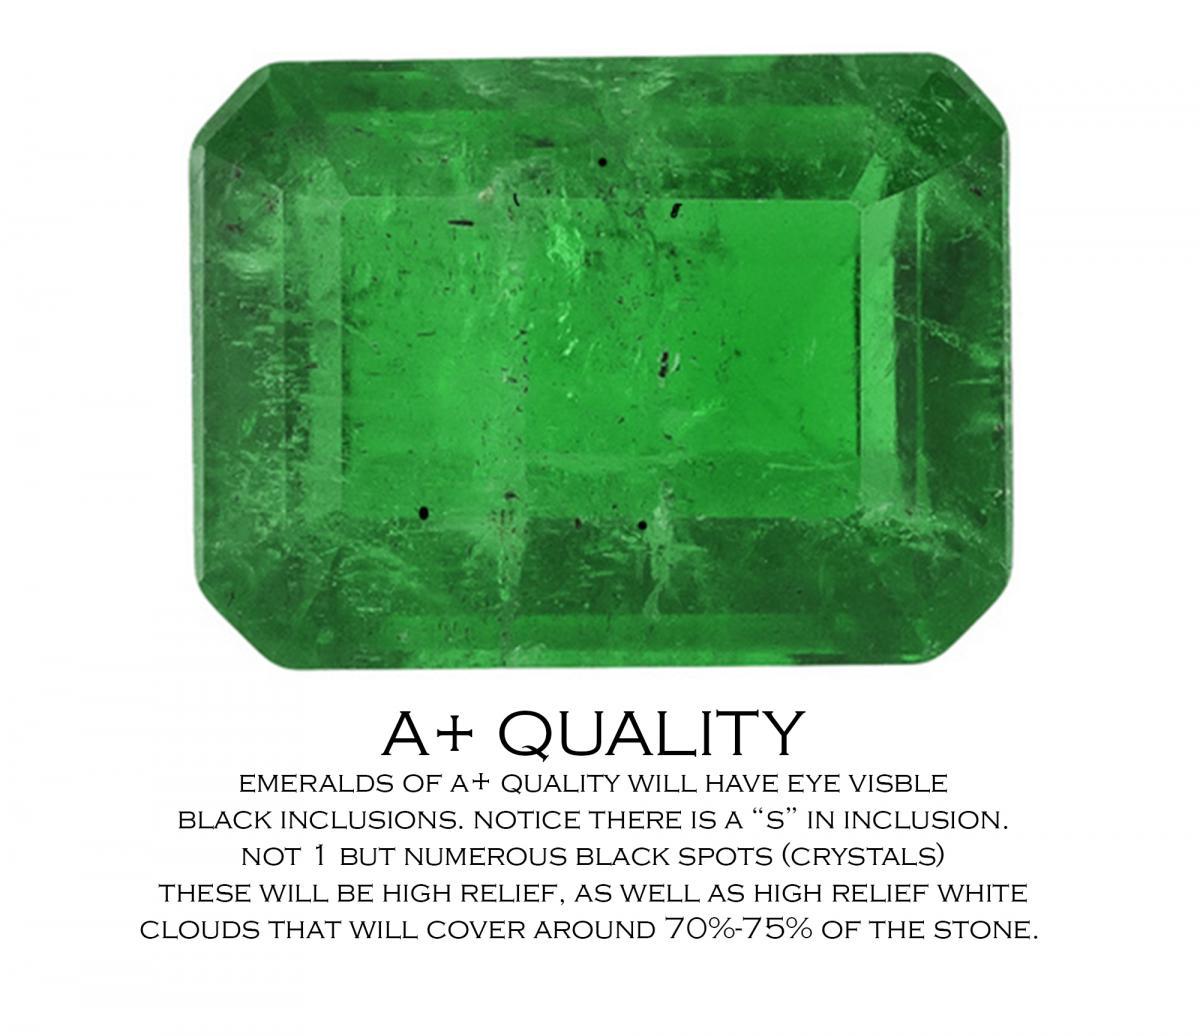 Emerald quality chart2-3